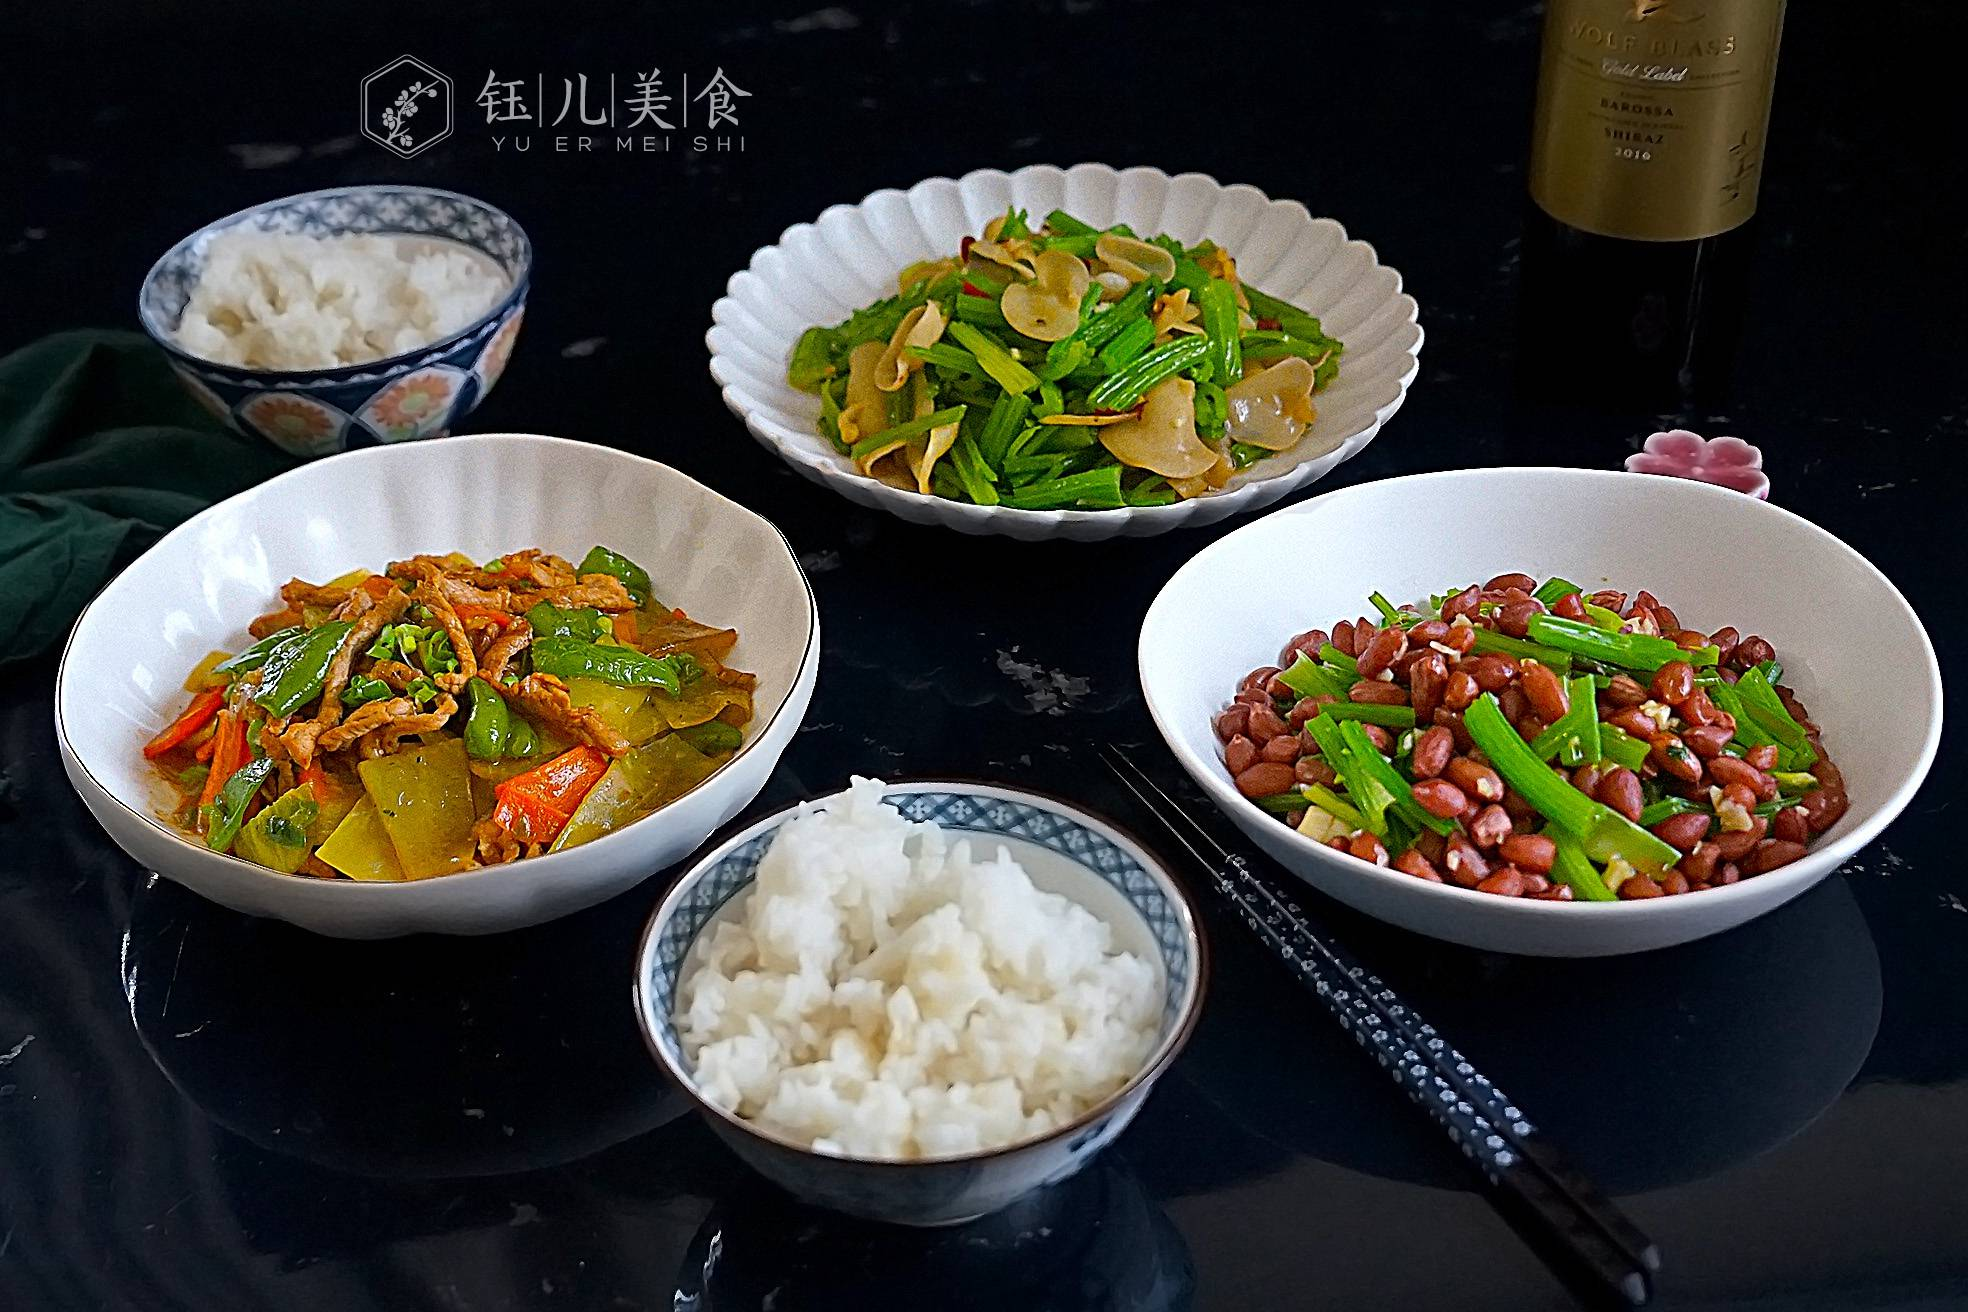 晒晒一家三口的冬日午餐,简单三道菜好吃又快手,更有家的味道